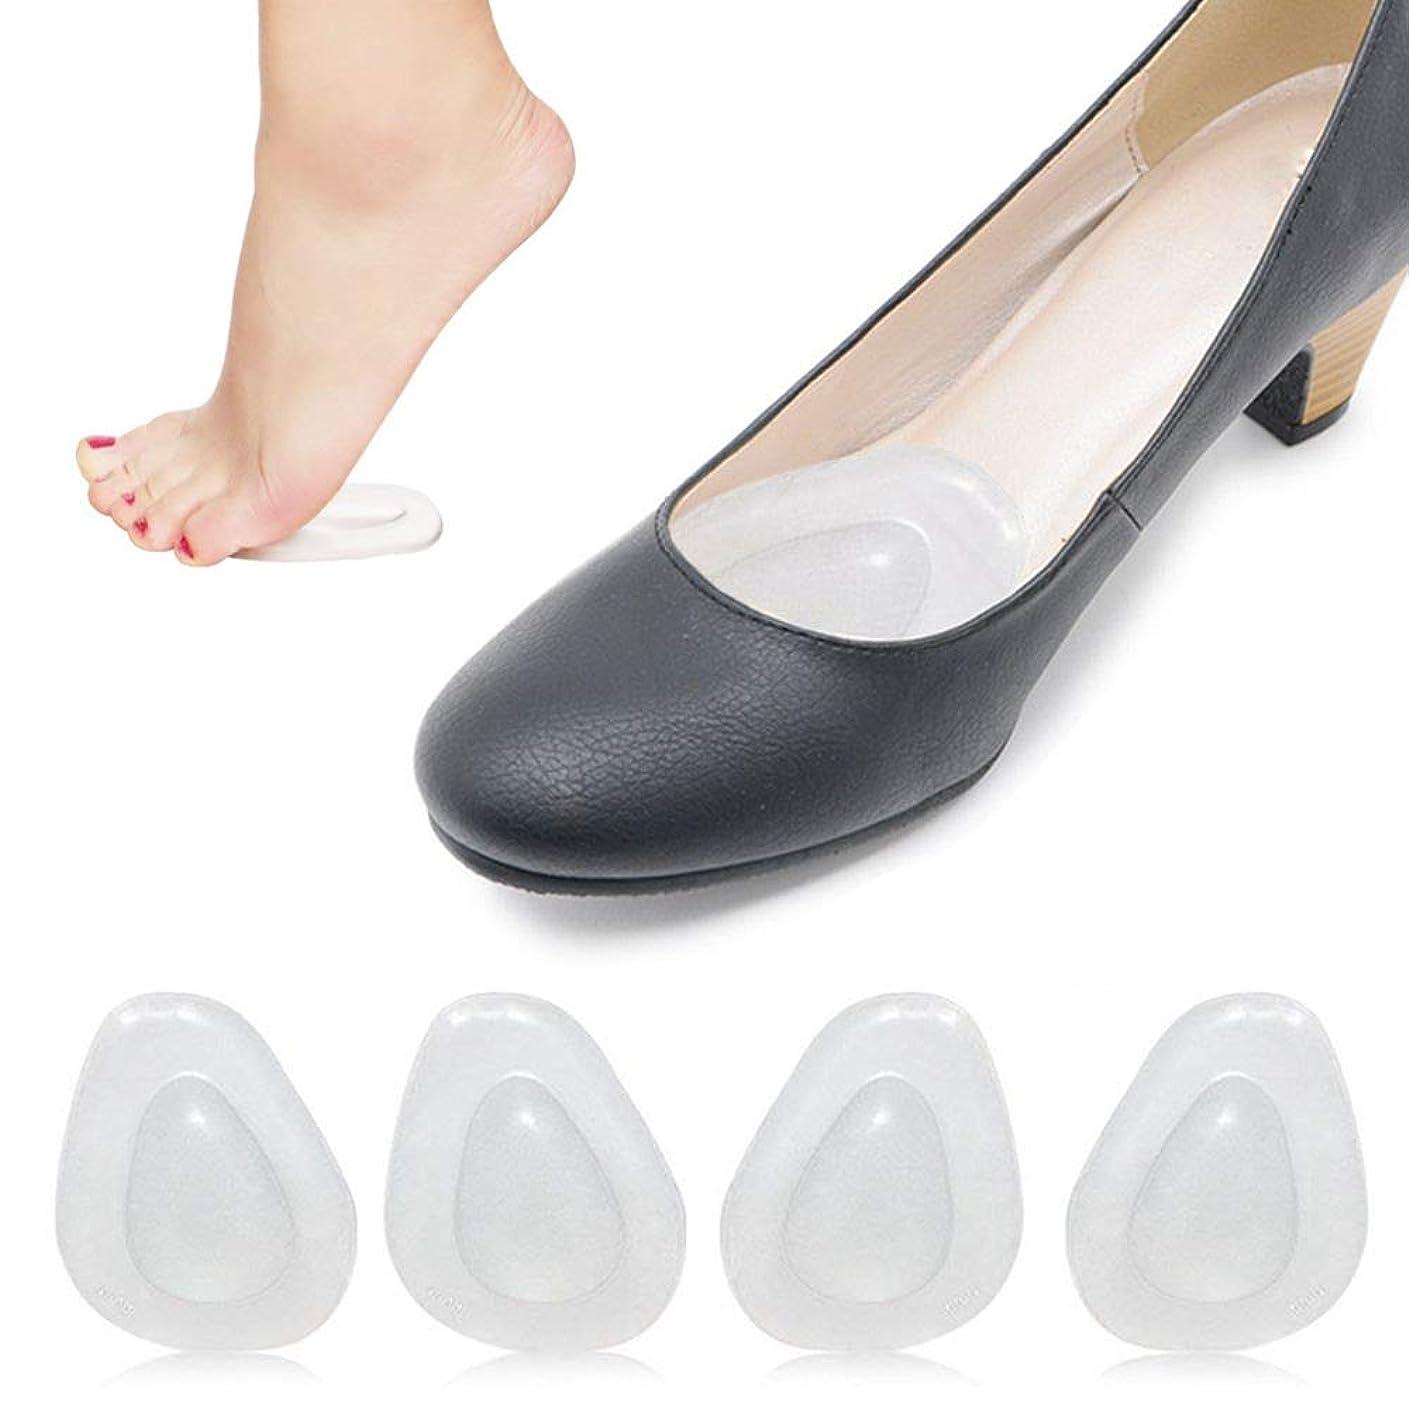 ケーキ大気数学者ACHOR 足裏保護パッド つま先保護カバー インソール前ズレ防止 ジェルパッド 医療用シリコンクッション つま先の痛み緩和 足裏マッサージ 靴ずれ防止パッド 柔らかい 3足分 6枚入り